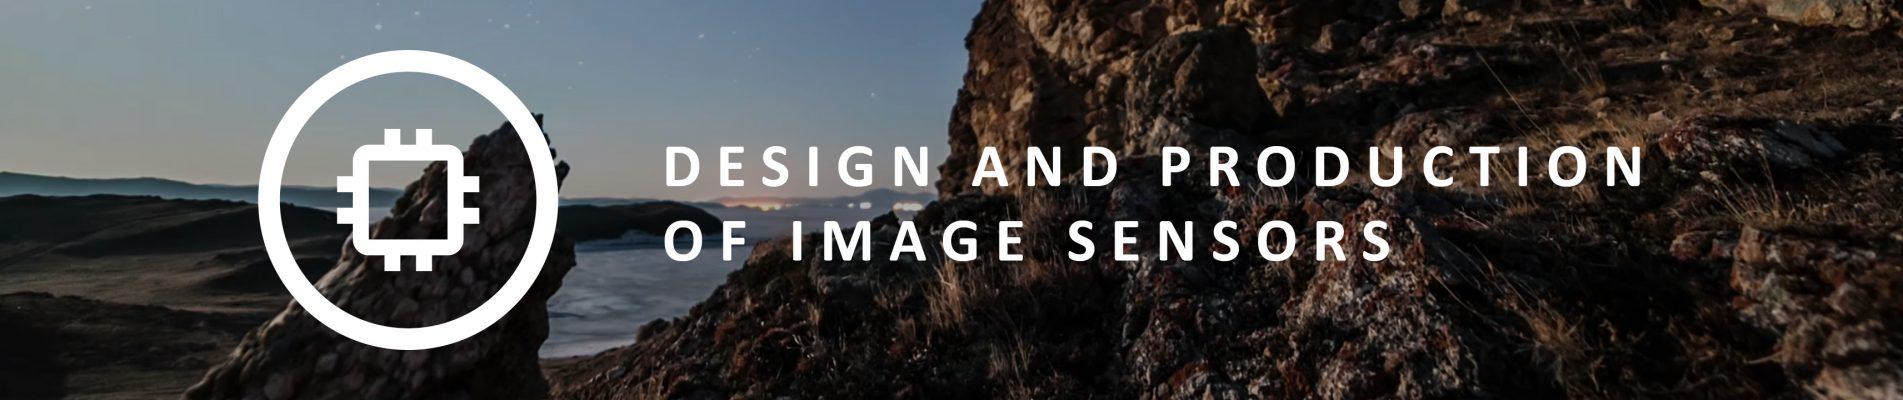 CMOS Image Sensor Manufacturers